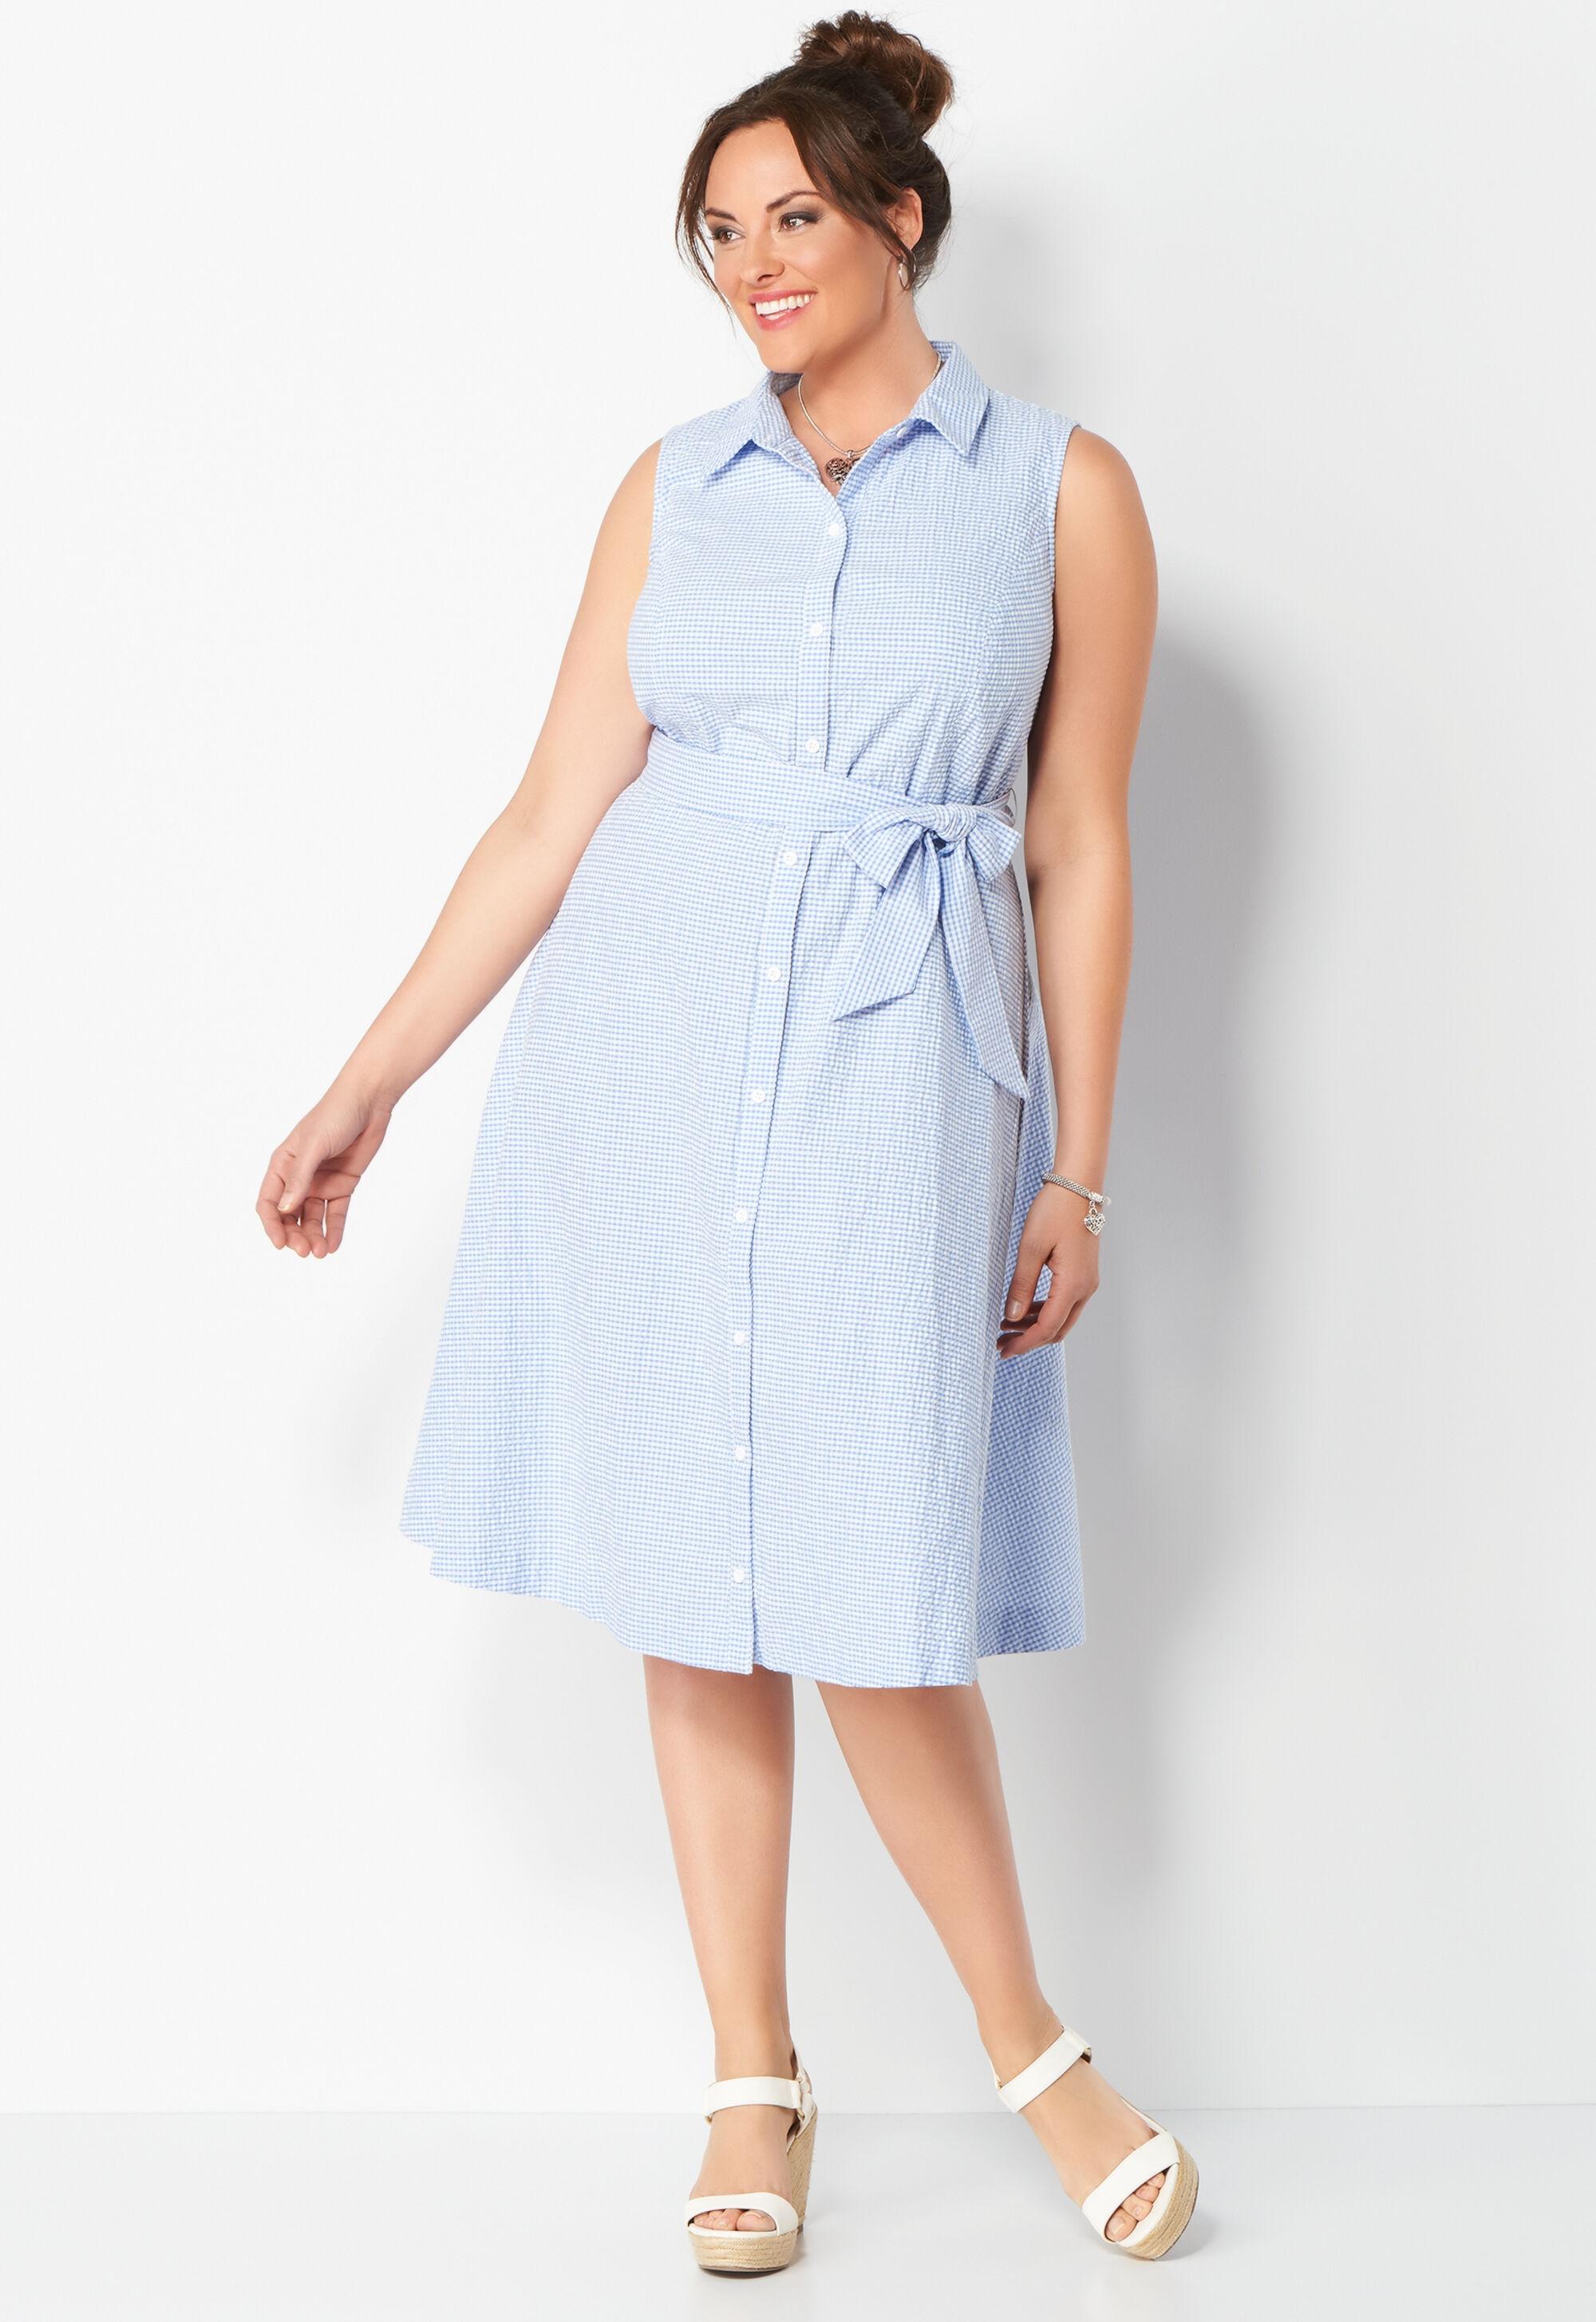 Plus Size Dresses Product